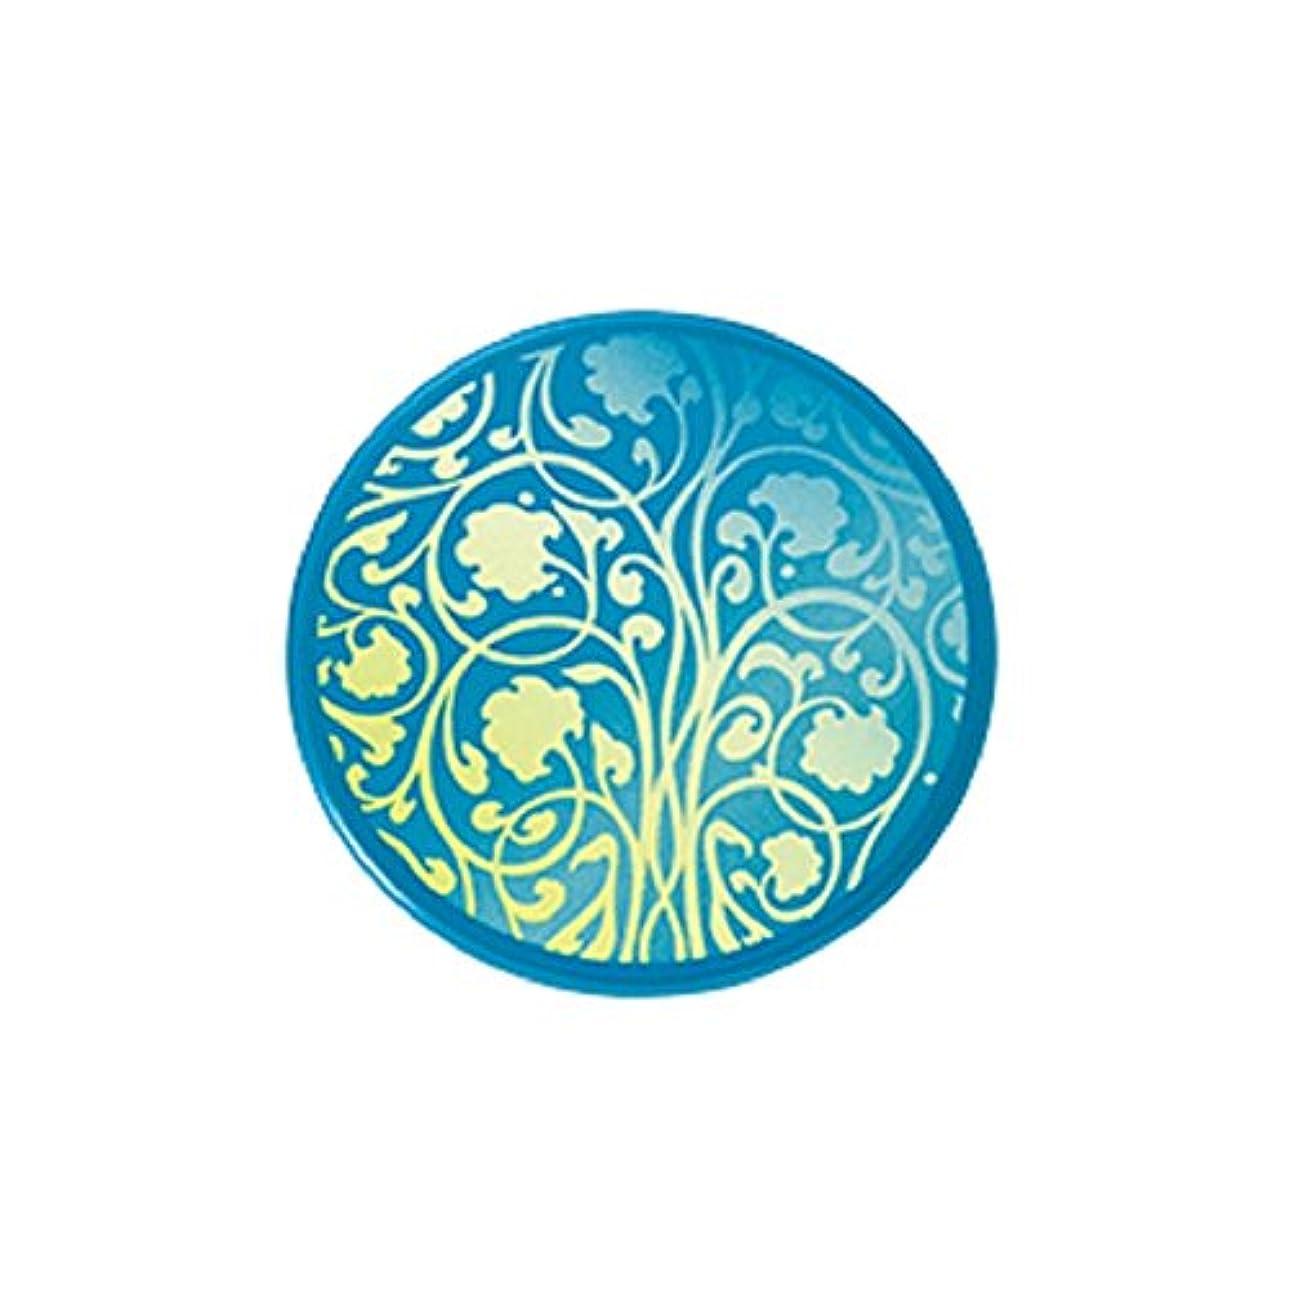 簿記係クレーター損失アユーラ (AYURA) ウェルフィット アロマバーム 14g 〈ソリッドパヒューム〉 心地よい森林の香気